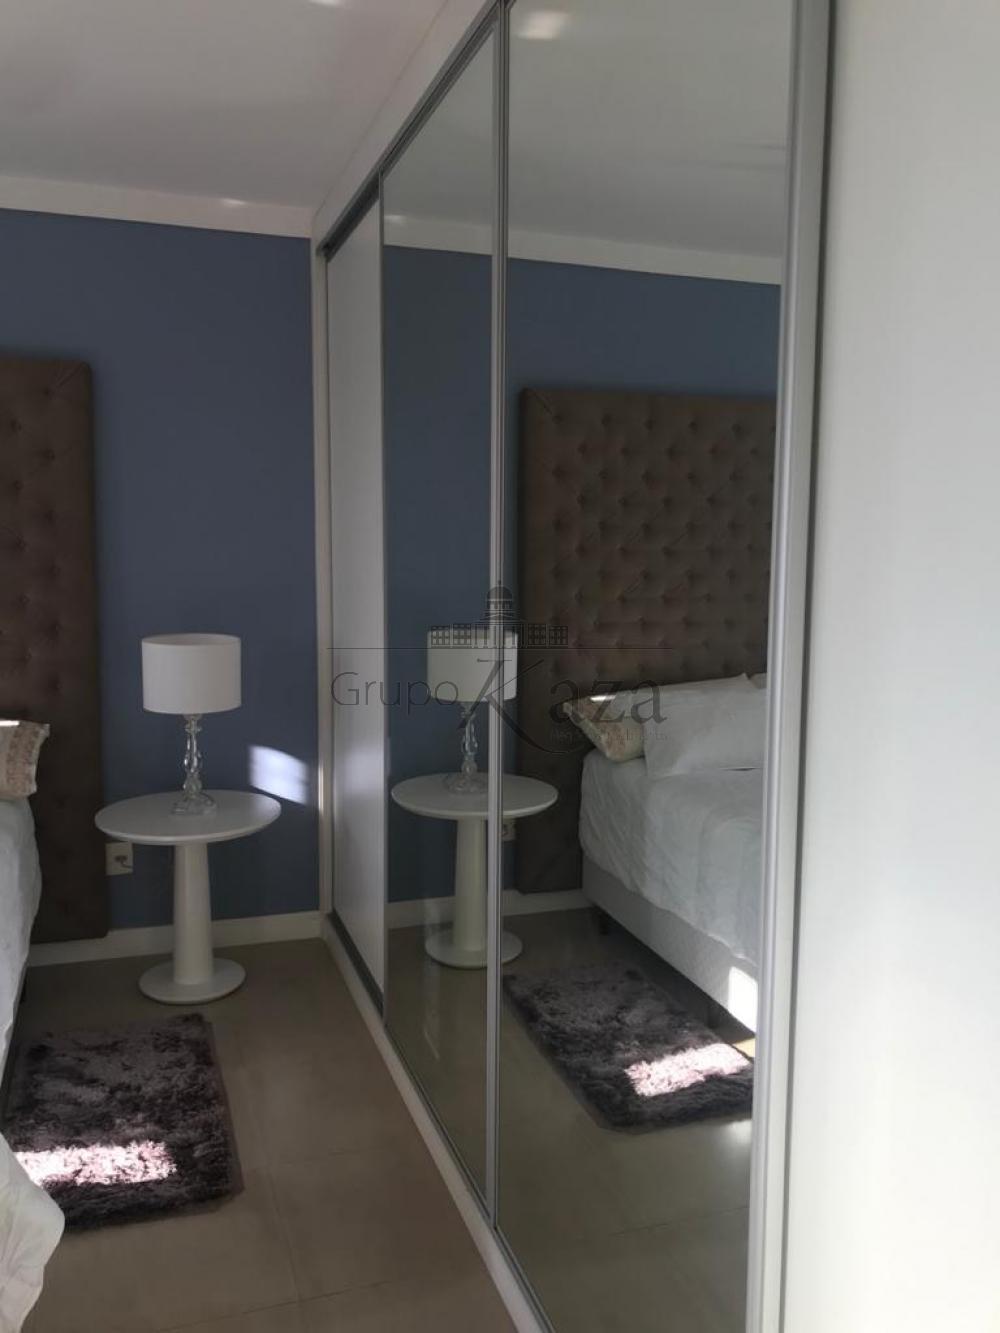 Comprar Apartamento / Padrão em São José dos Campos R$ 815.000,00 - Foto 23